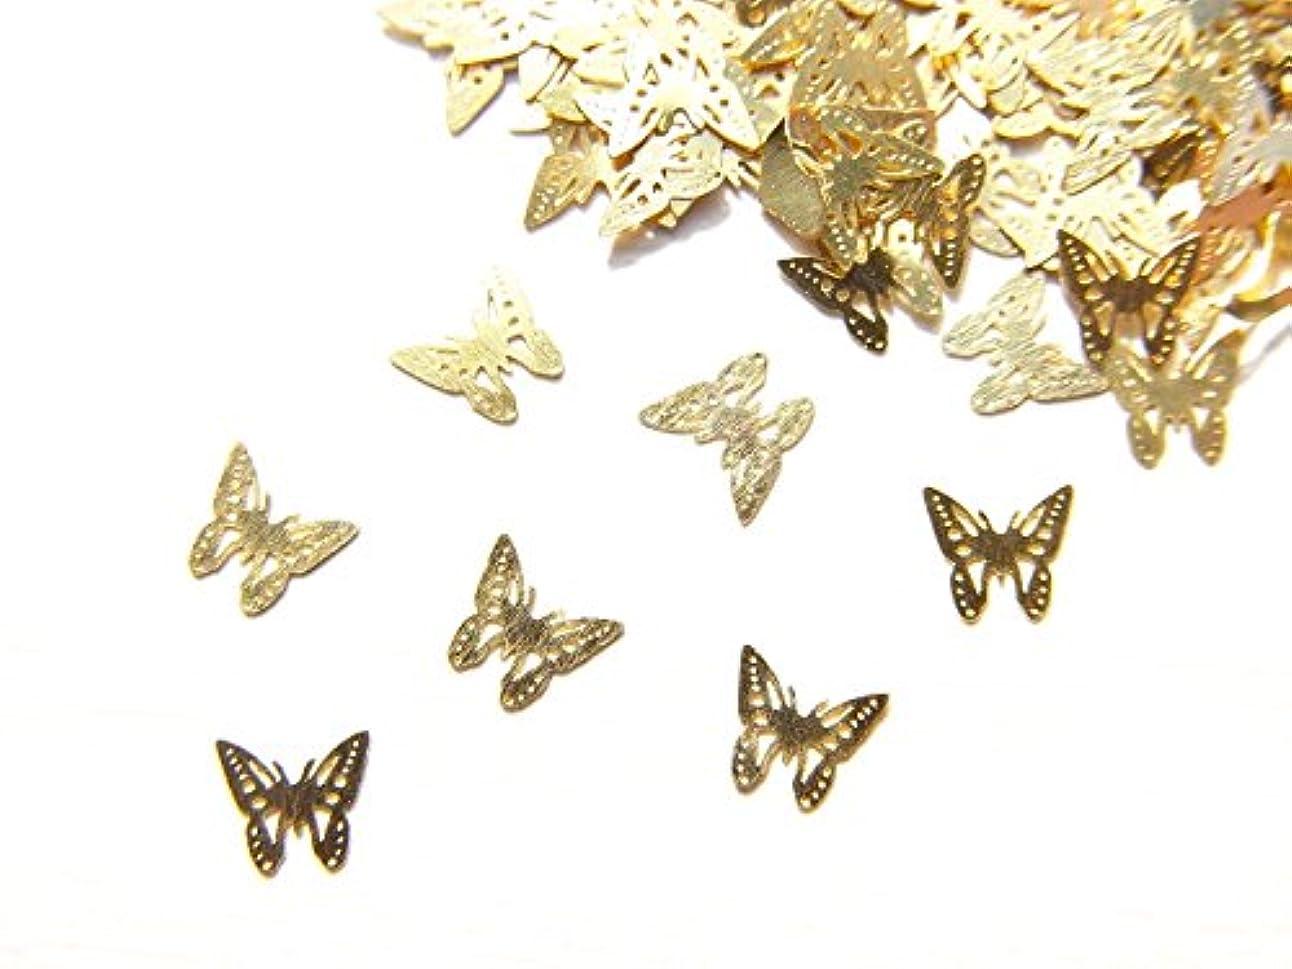 切り離す遺伝的あいまいさ【jewel】ug24 薄型ゴールド メタルパーツ Sサイズ バタフライ 蝶 A 10個入り ネイルアートパーツ レジンパーツ